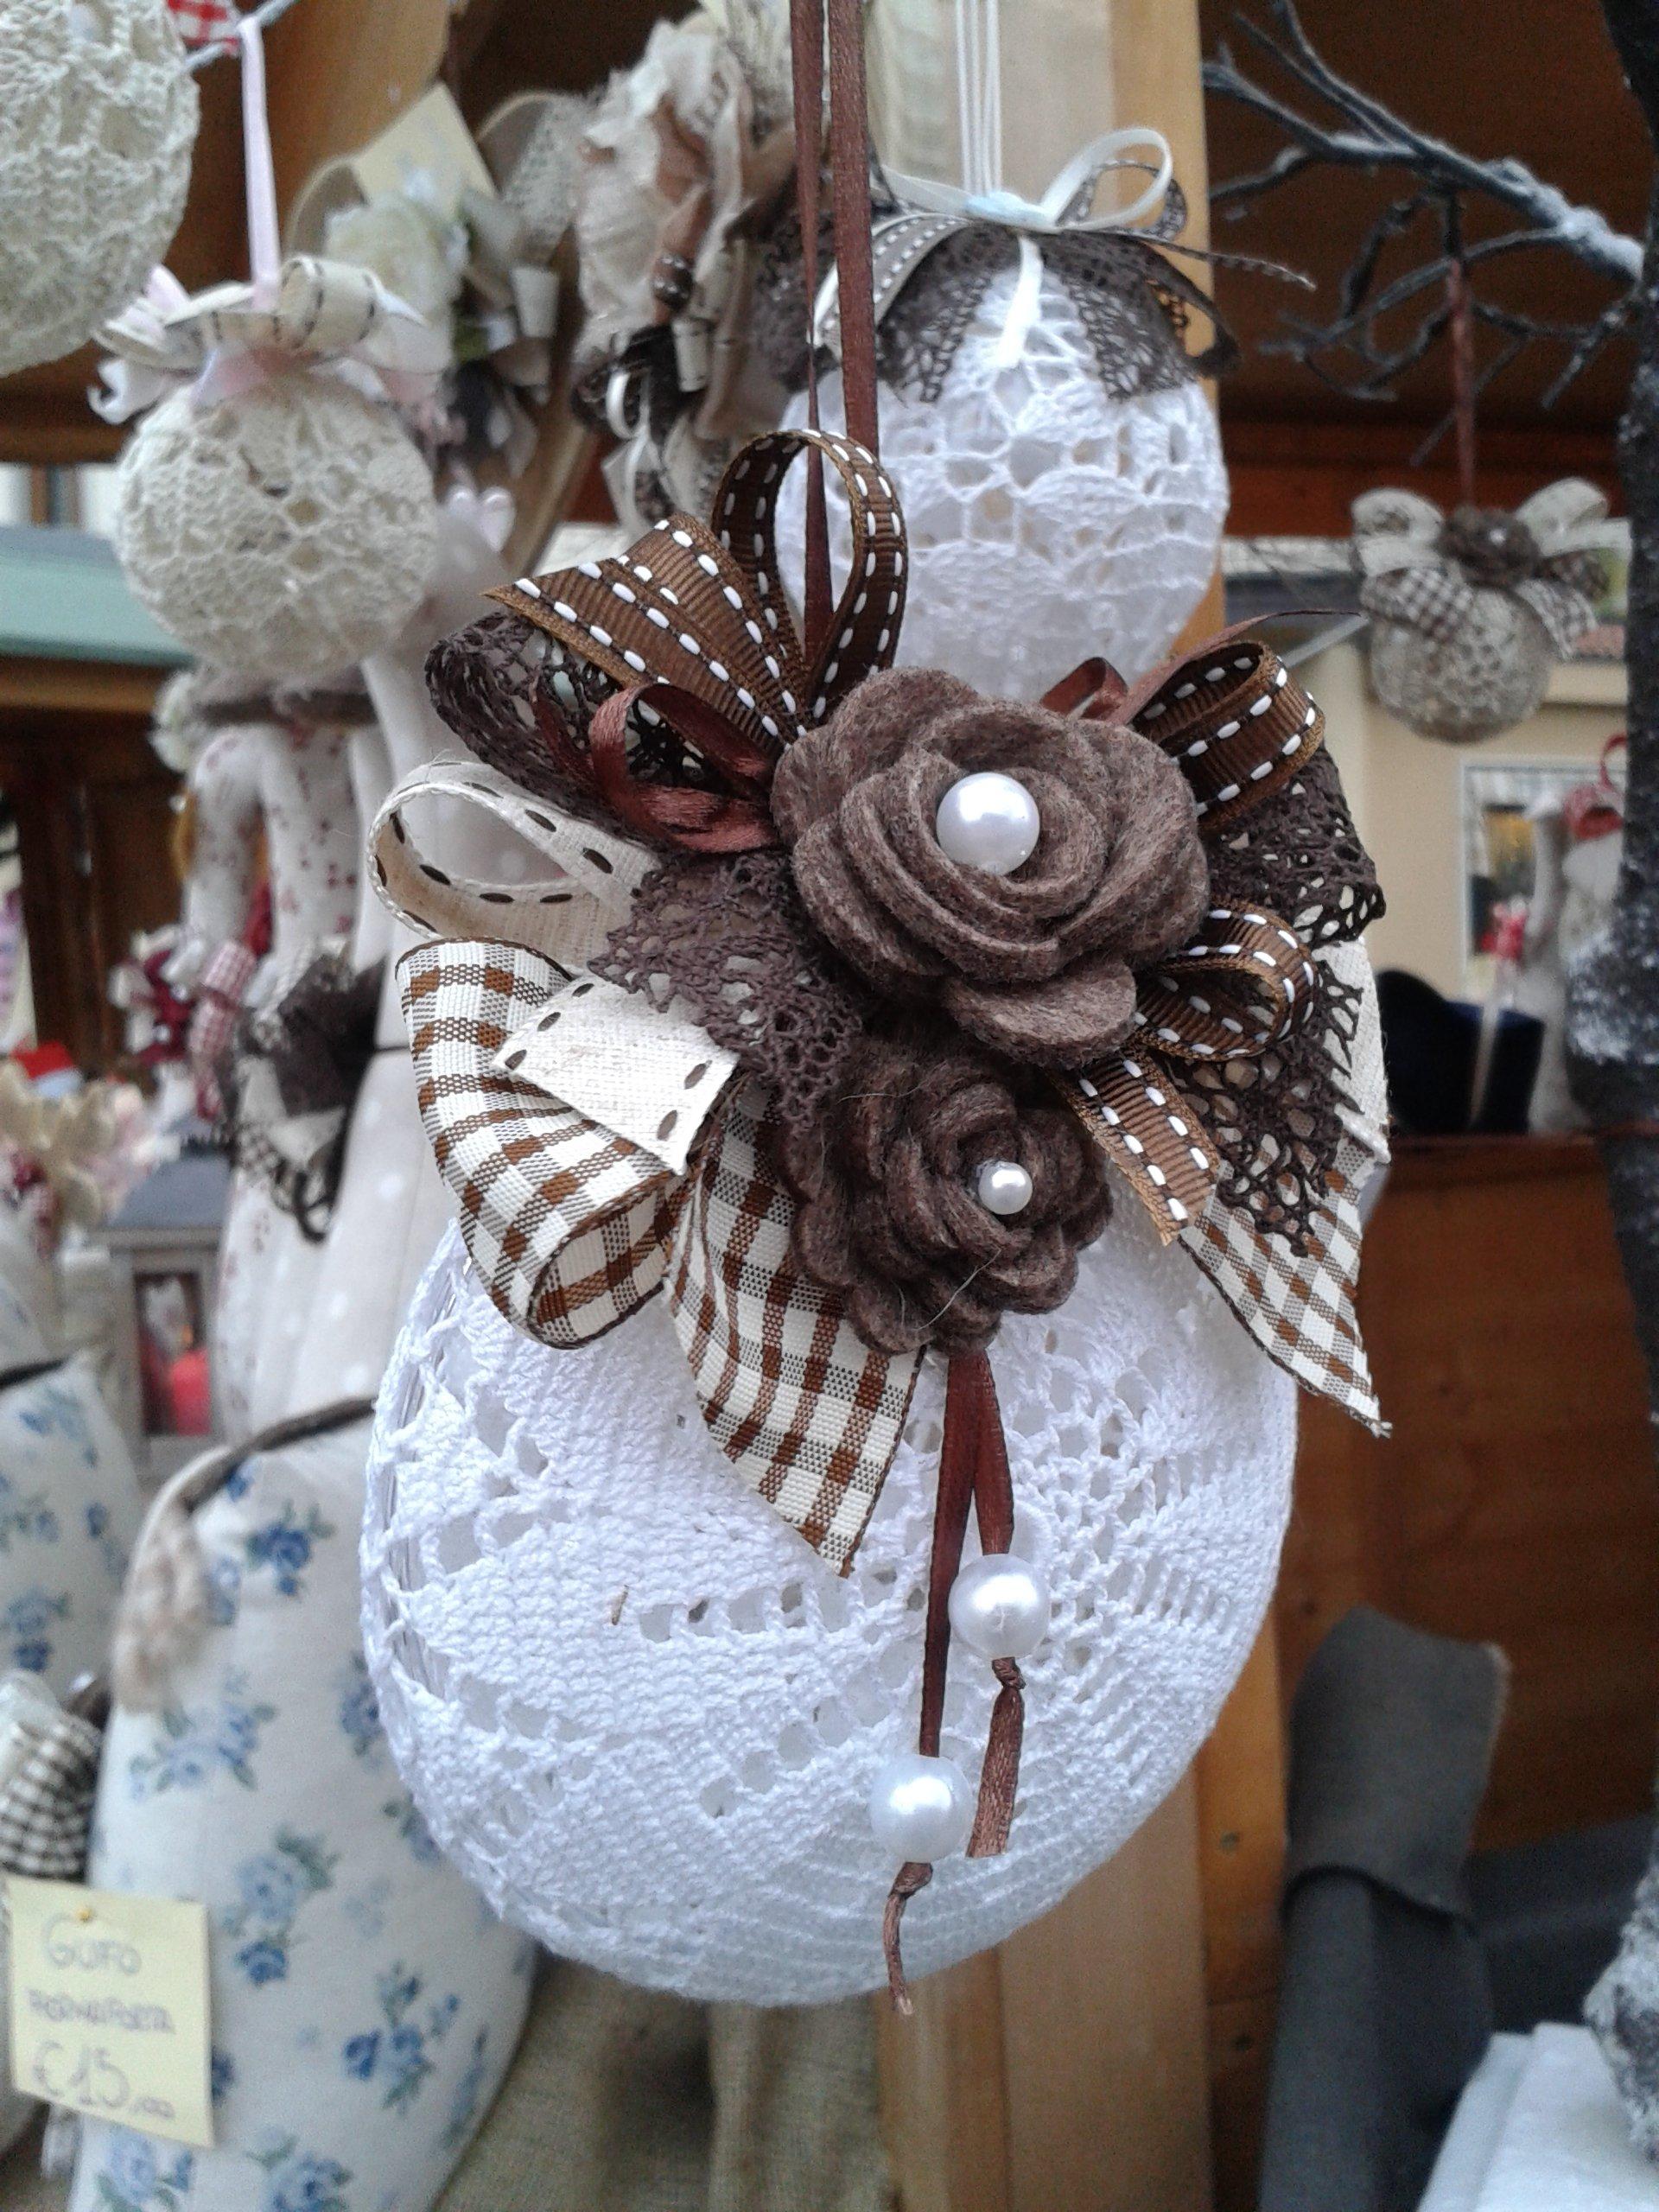 oggetto fatto a maglia bianco con fiocco marrone